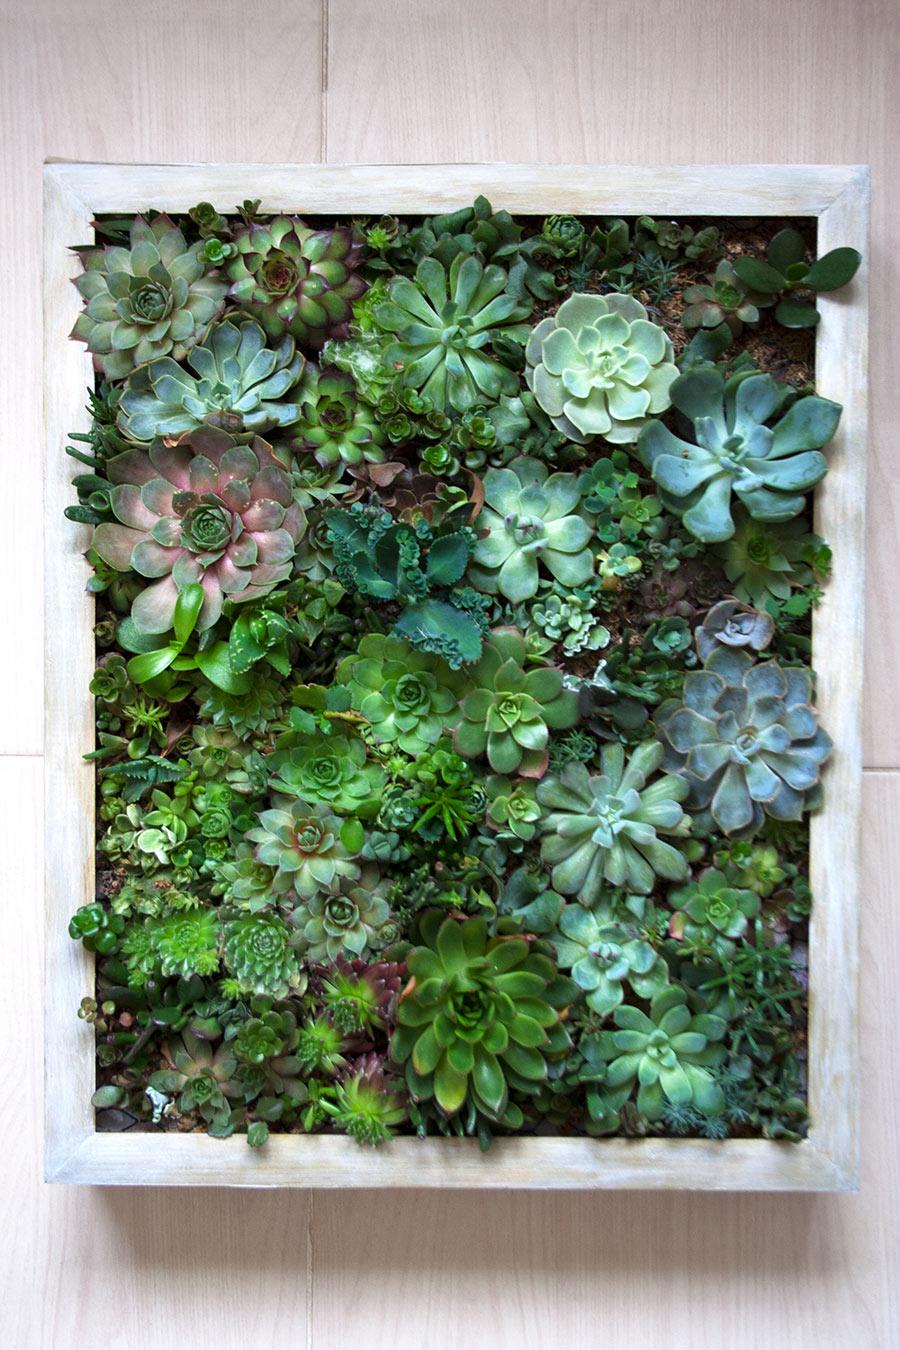 Piccolo giardino da parete con piantine grasse.